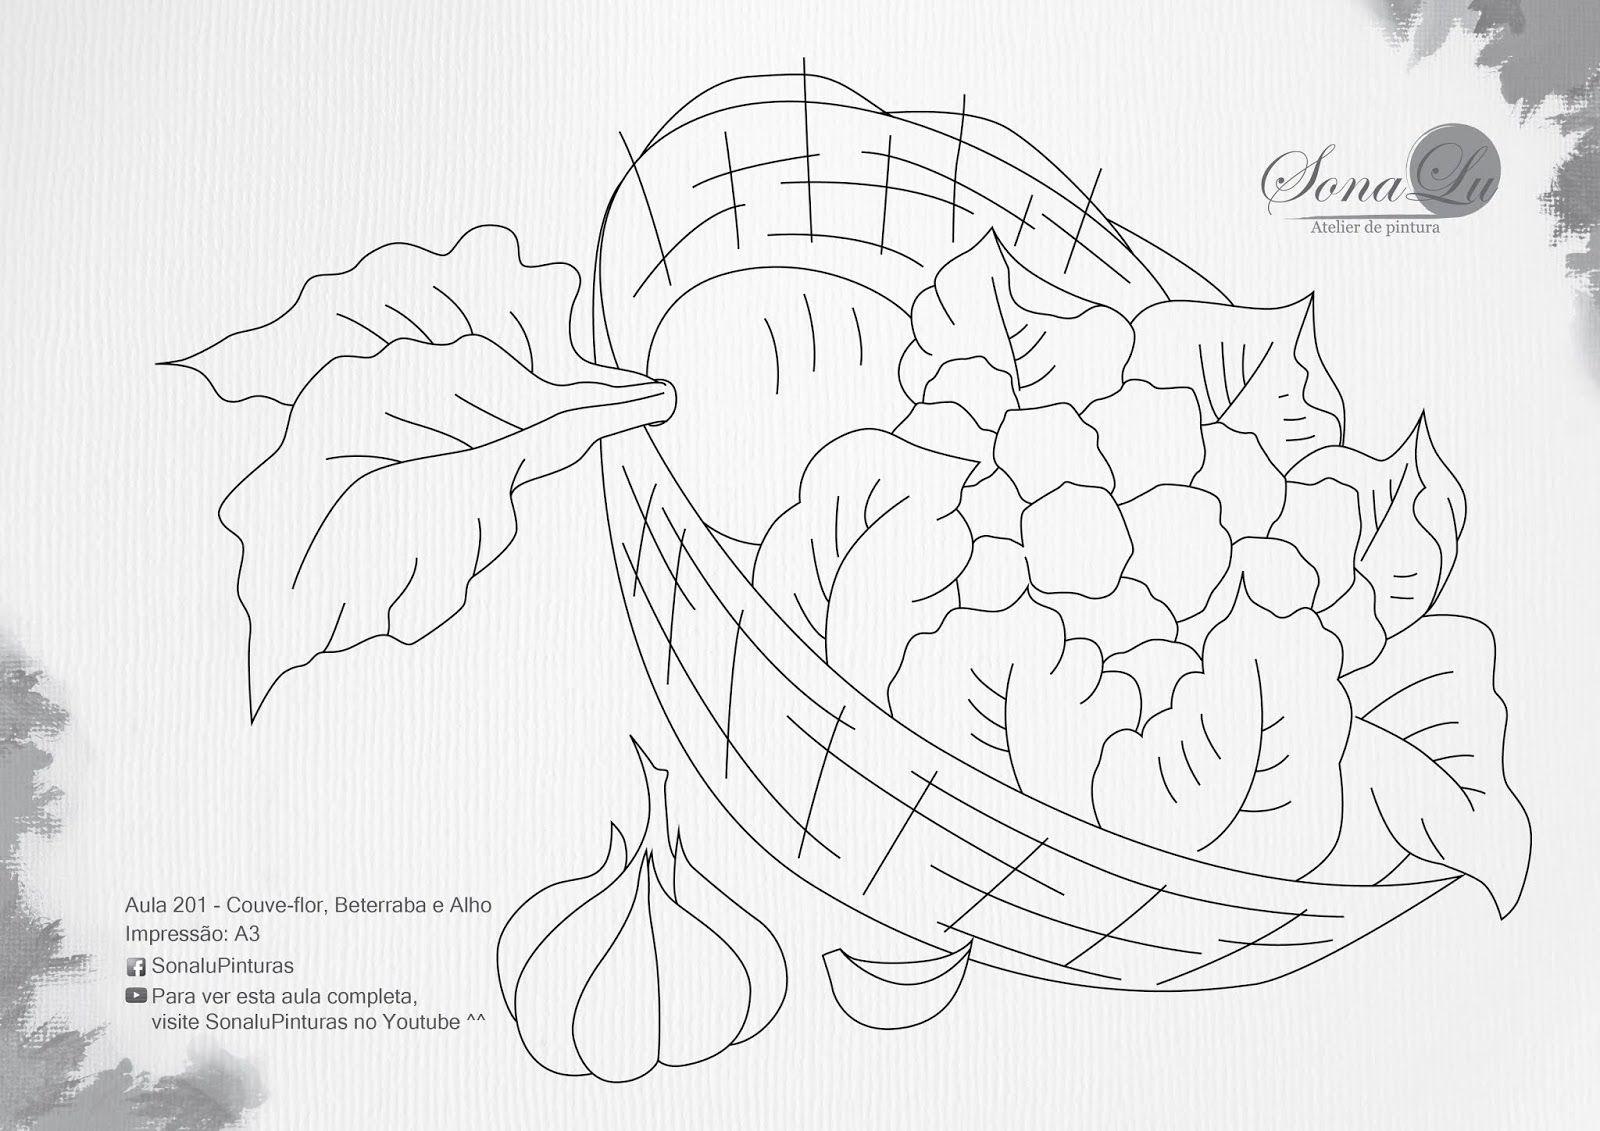 201+Couve-flor+Beterraba+e+Alho-02.jpg (1600×1131) | Padrões de bordado,  Riscos para pintura, Pintura em tecido